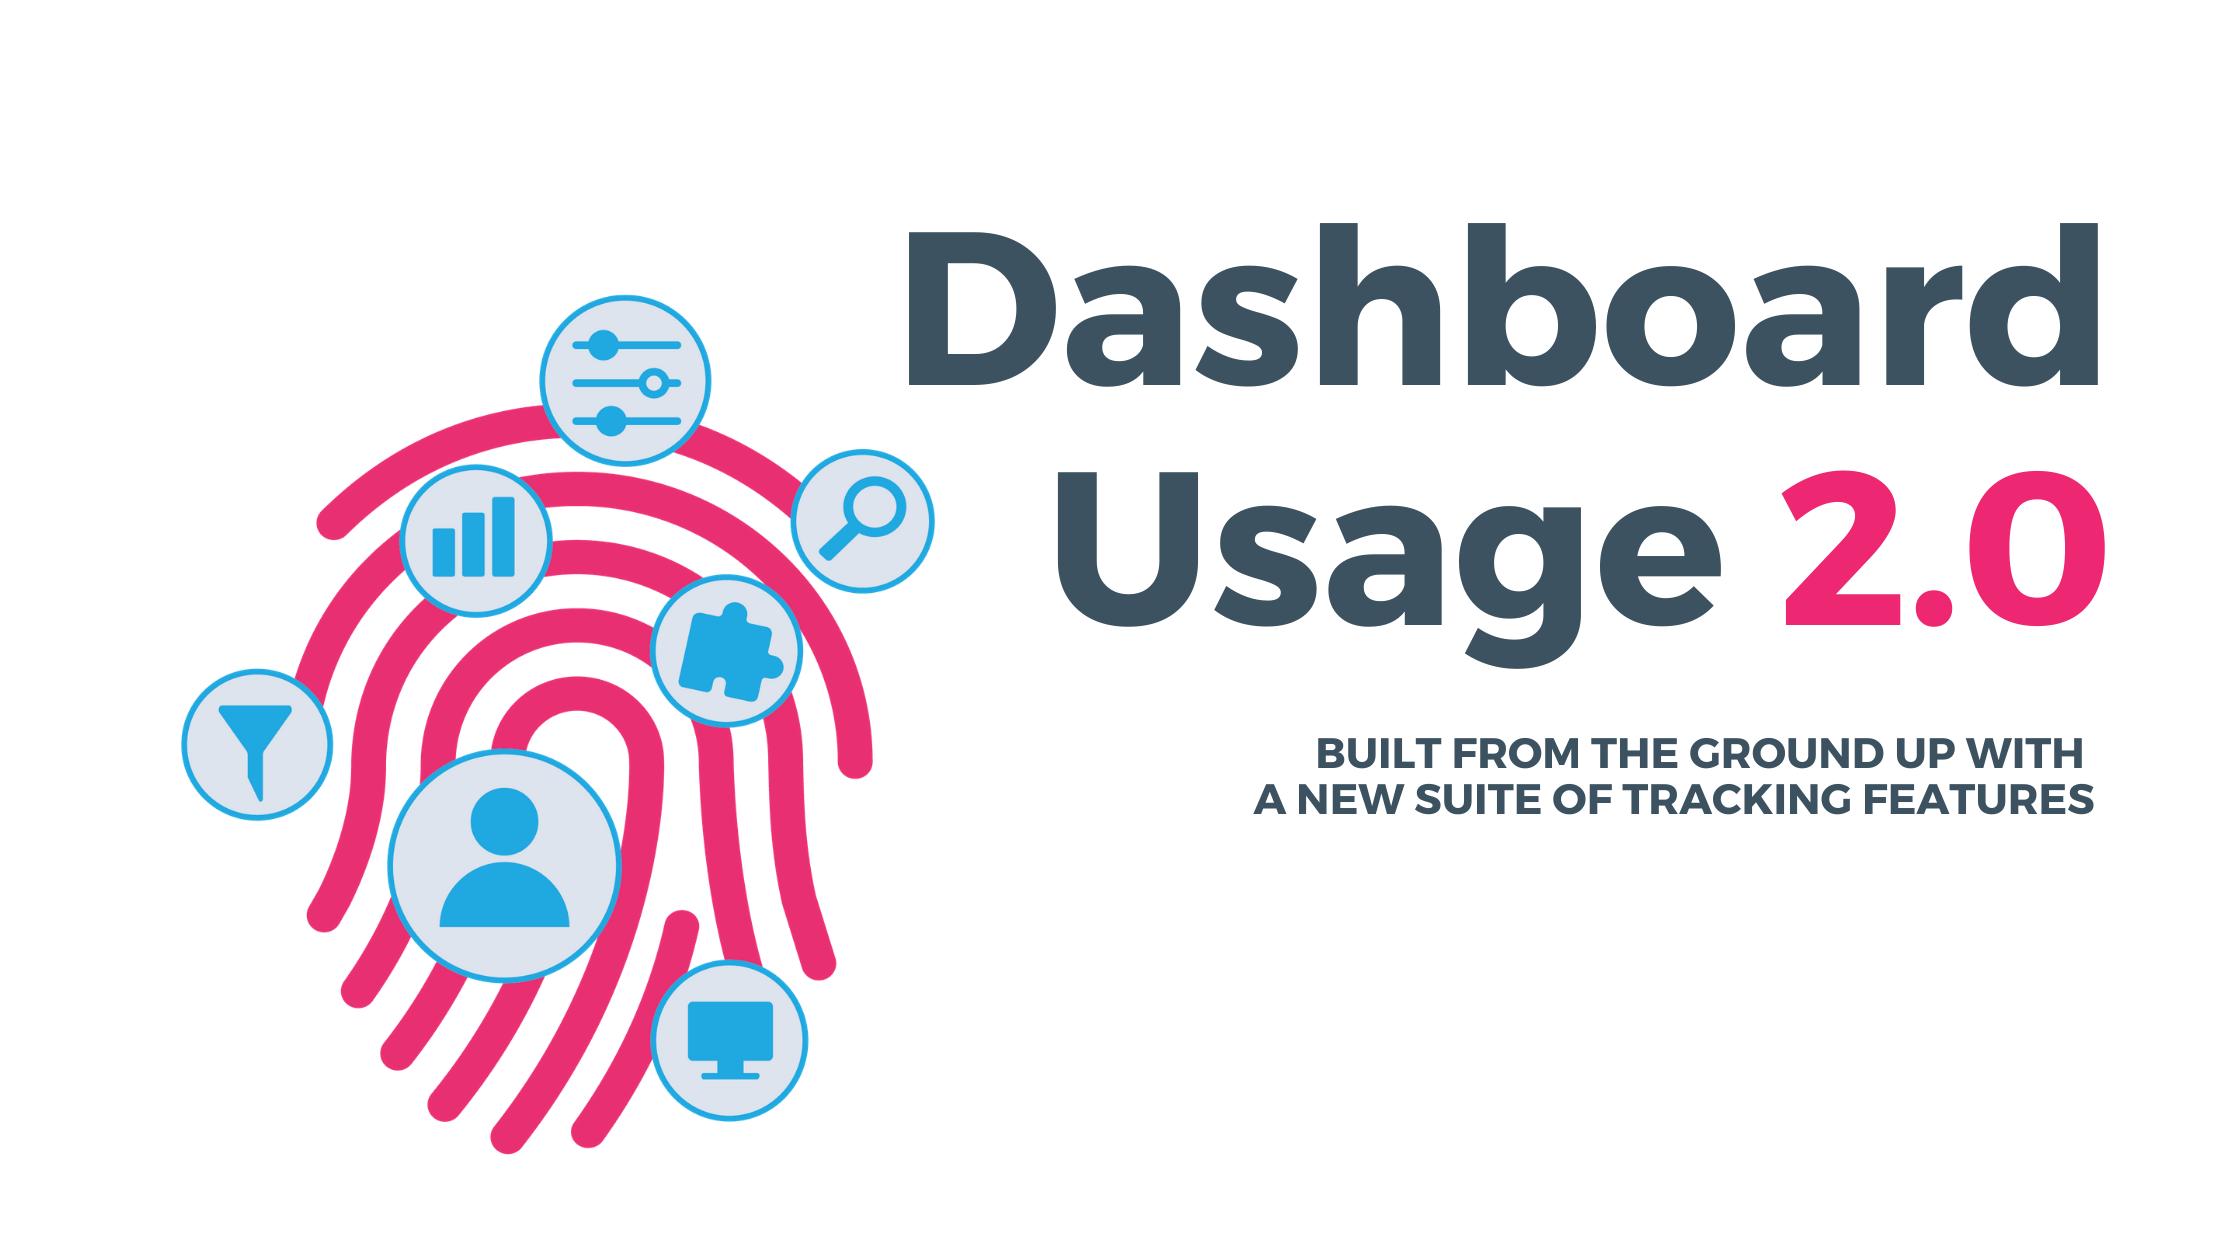 Dashboard Usage 2.0